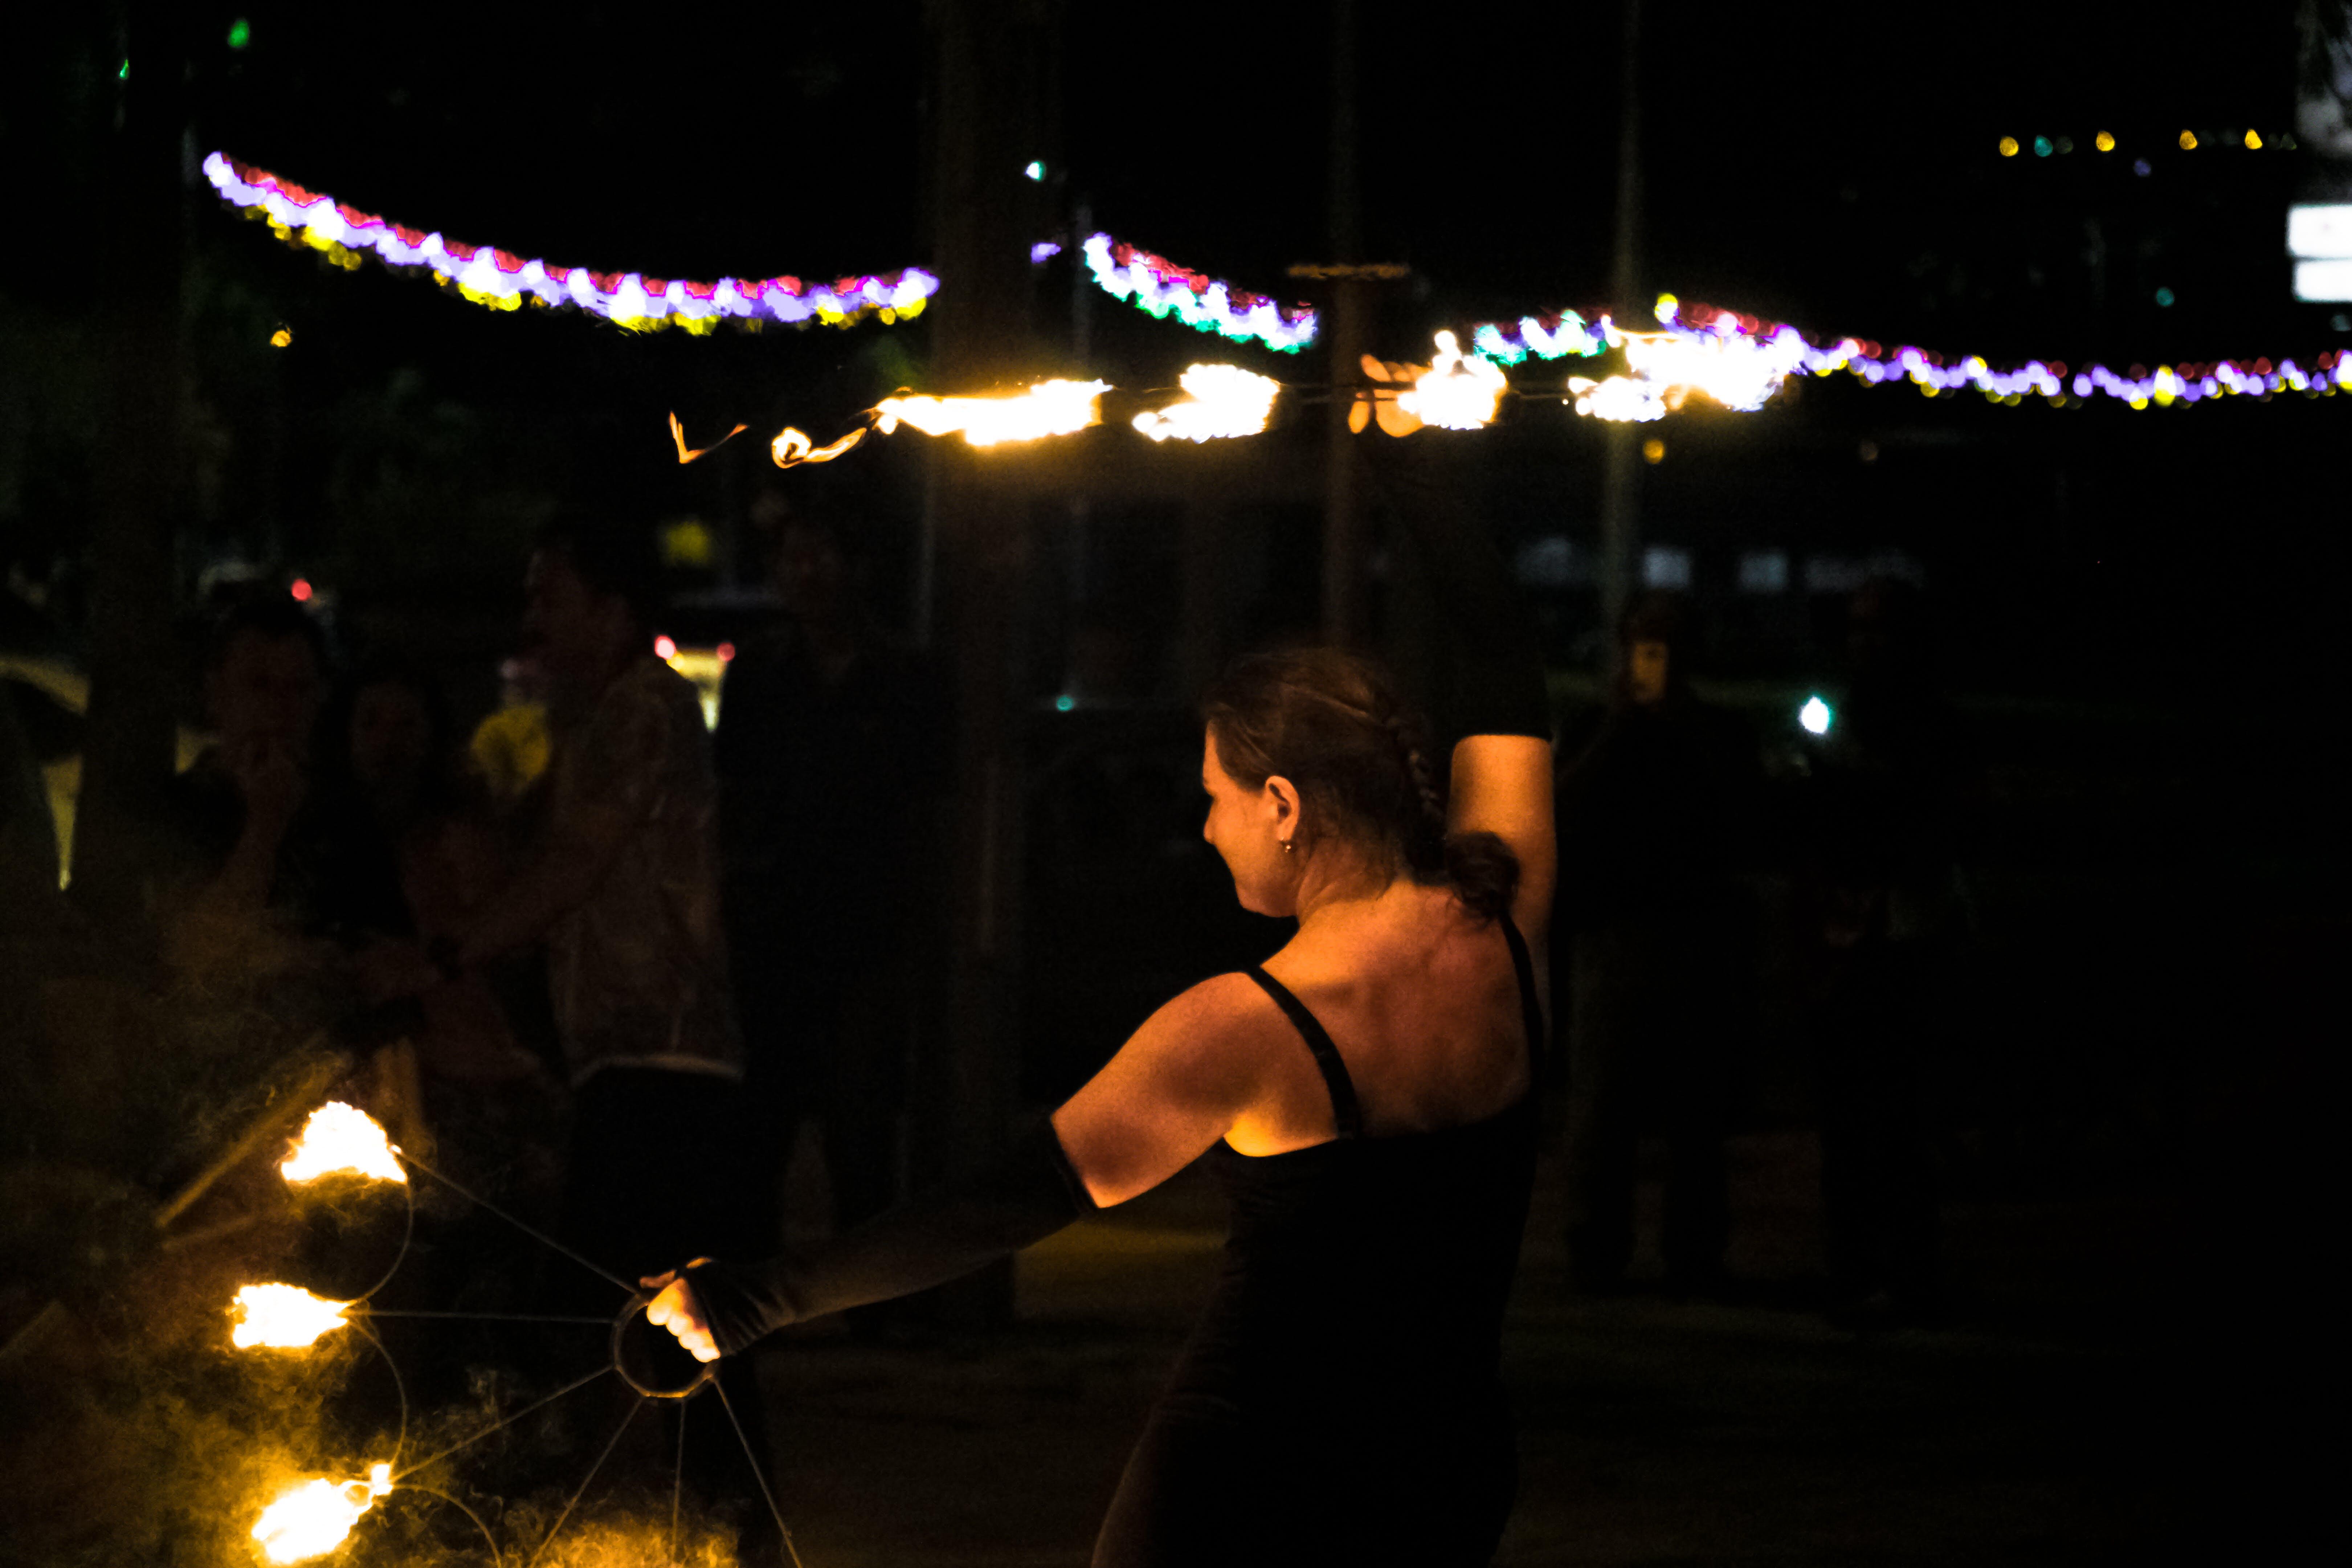 Kostenloses Stock Foto zu aufführung, feuer, frau, tanzen